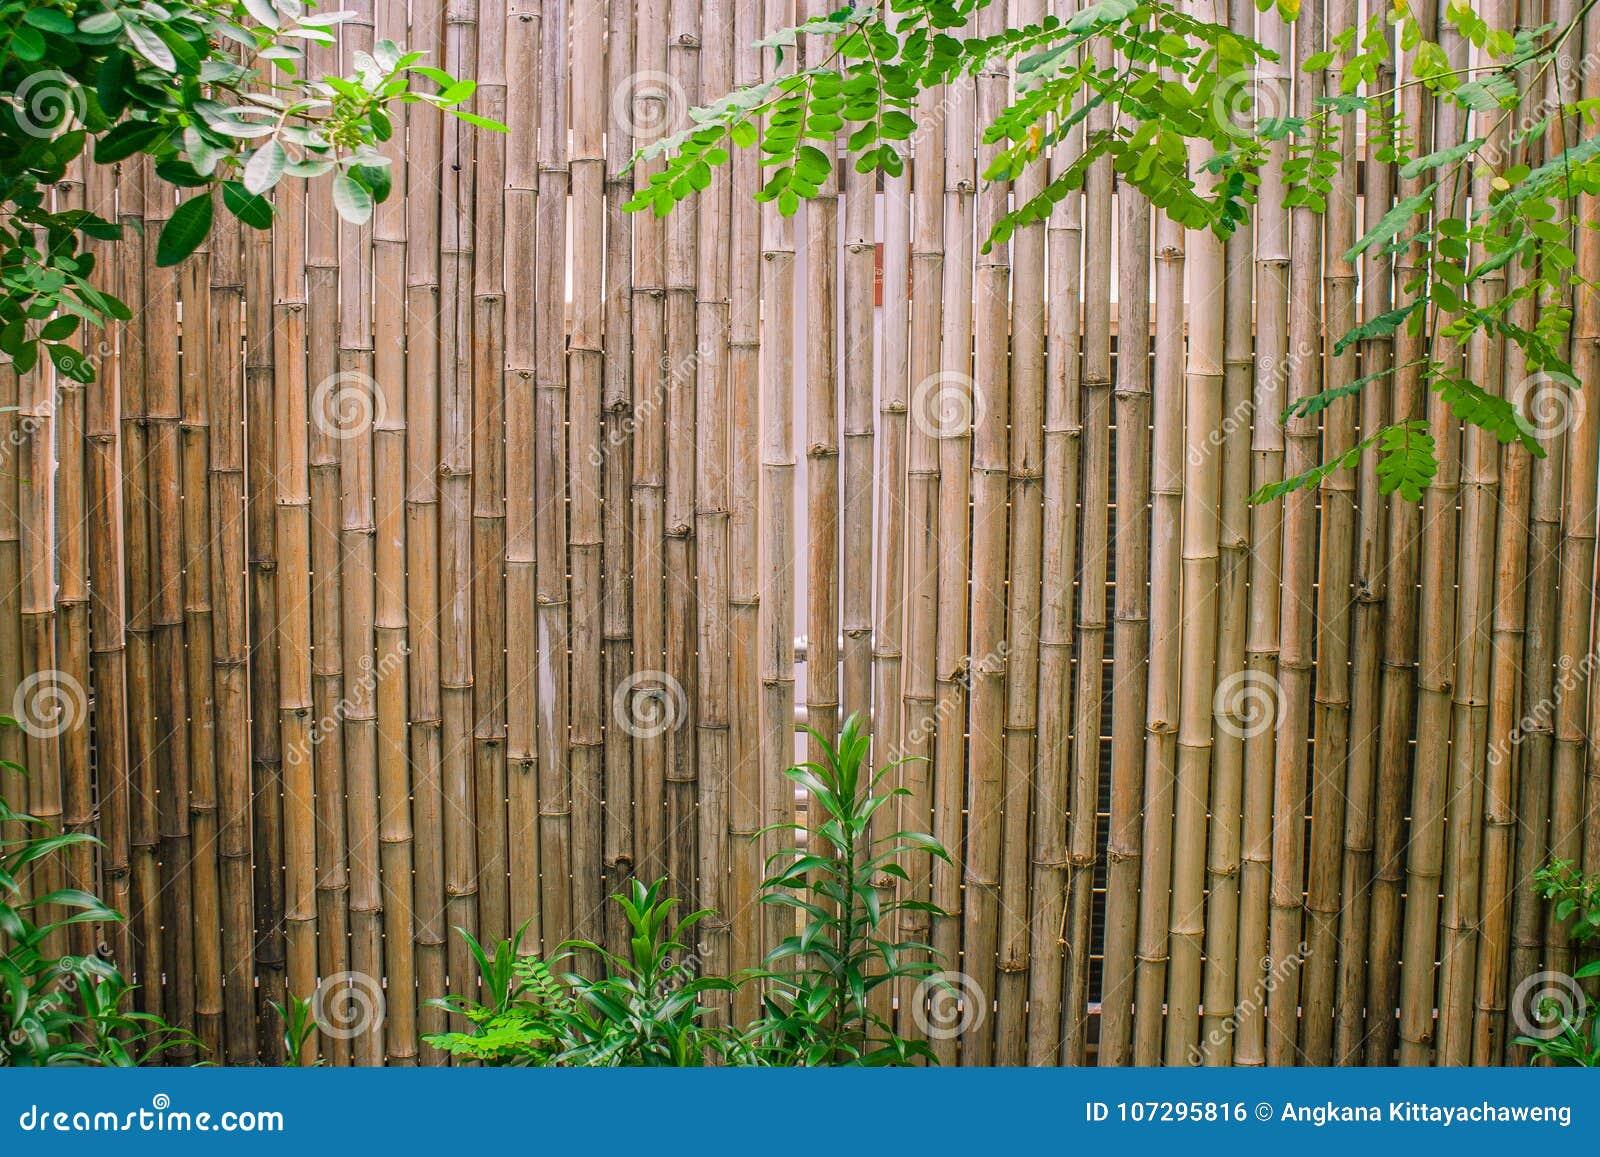 Foglie verdi con il fondo di bambù della parete per la decorazione del giardino